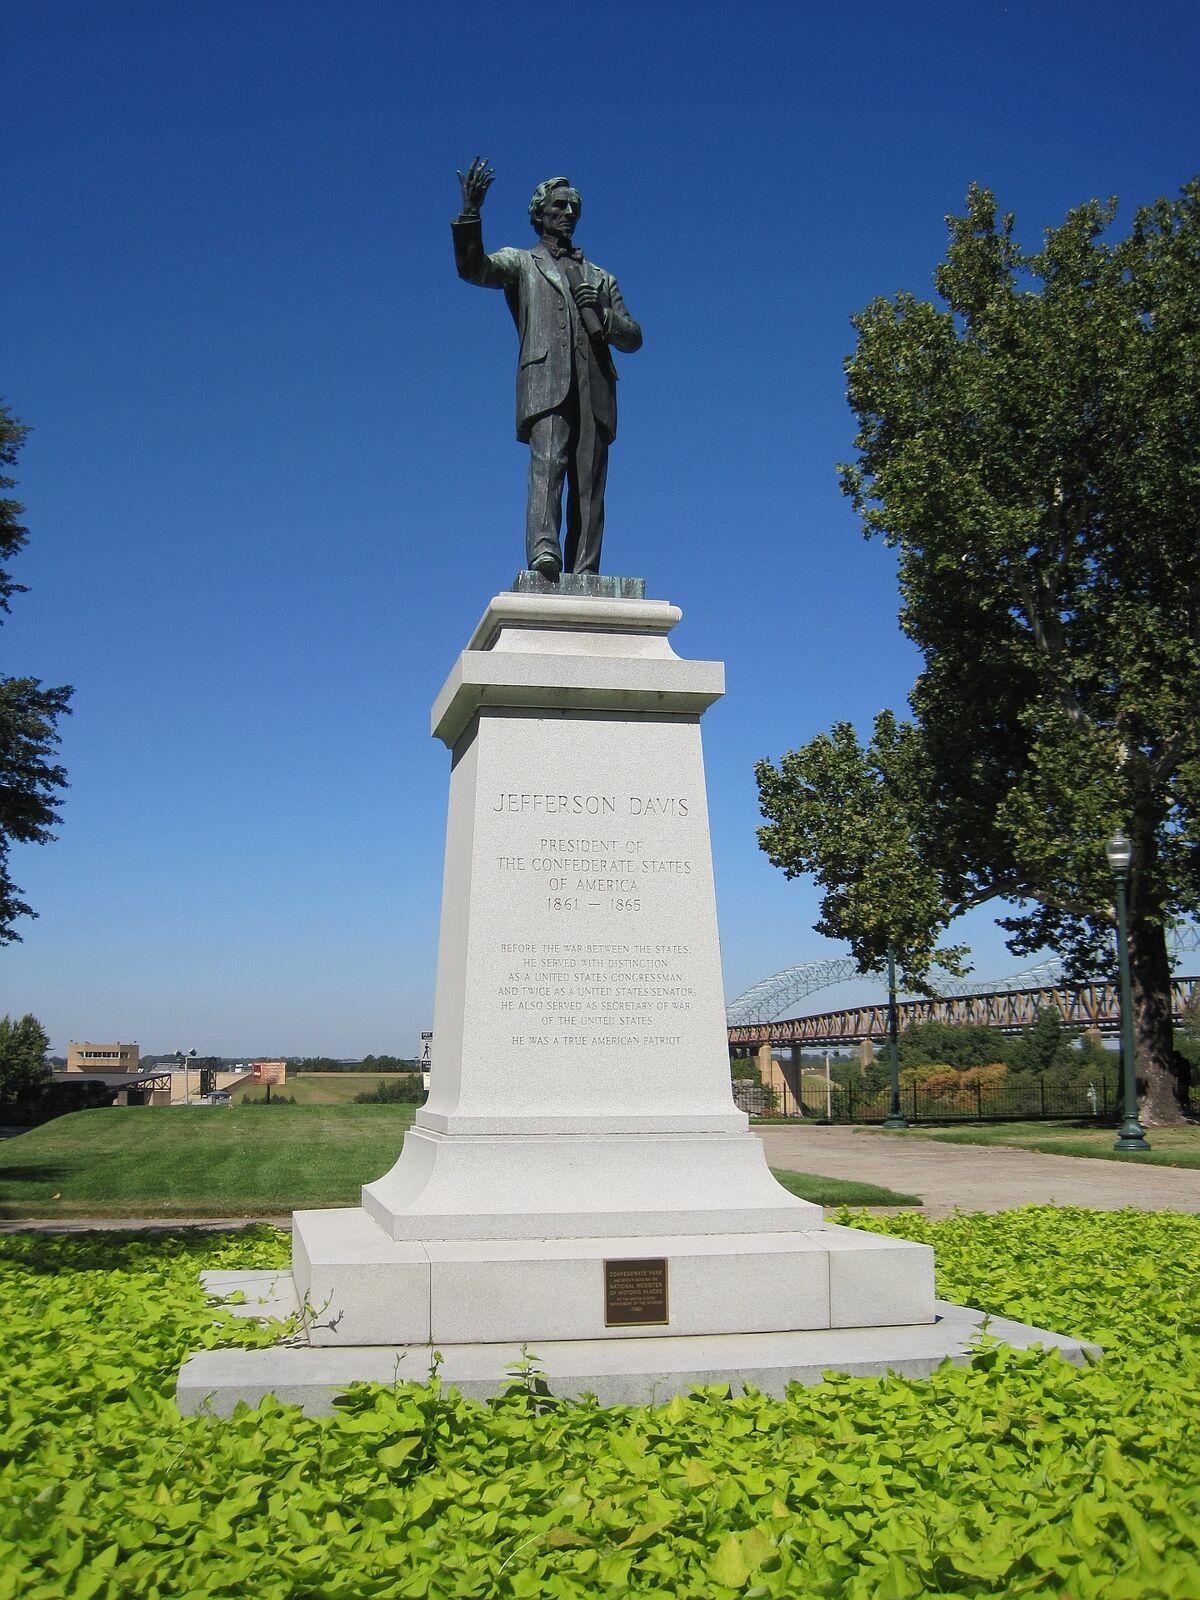 Aldo Pero and George E. Crone, Jefferson Davis, 1963, at Confederate Park in Memphis, TN. Photo by Thomas R. Machnitzki, via Wikimedia Commons.